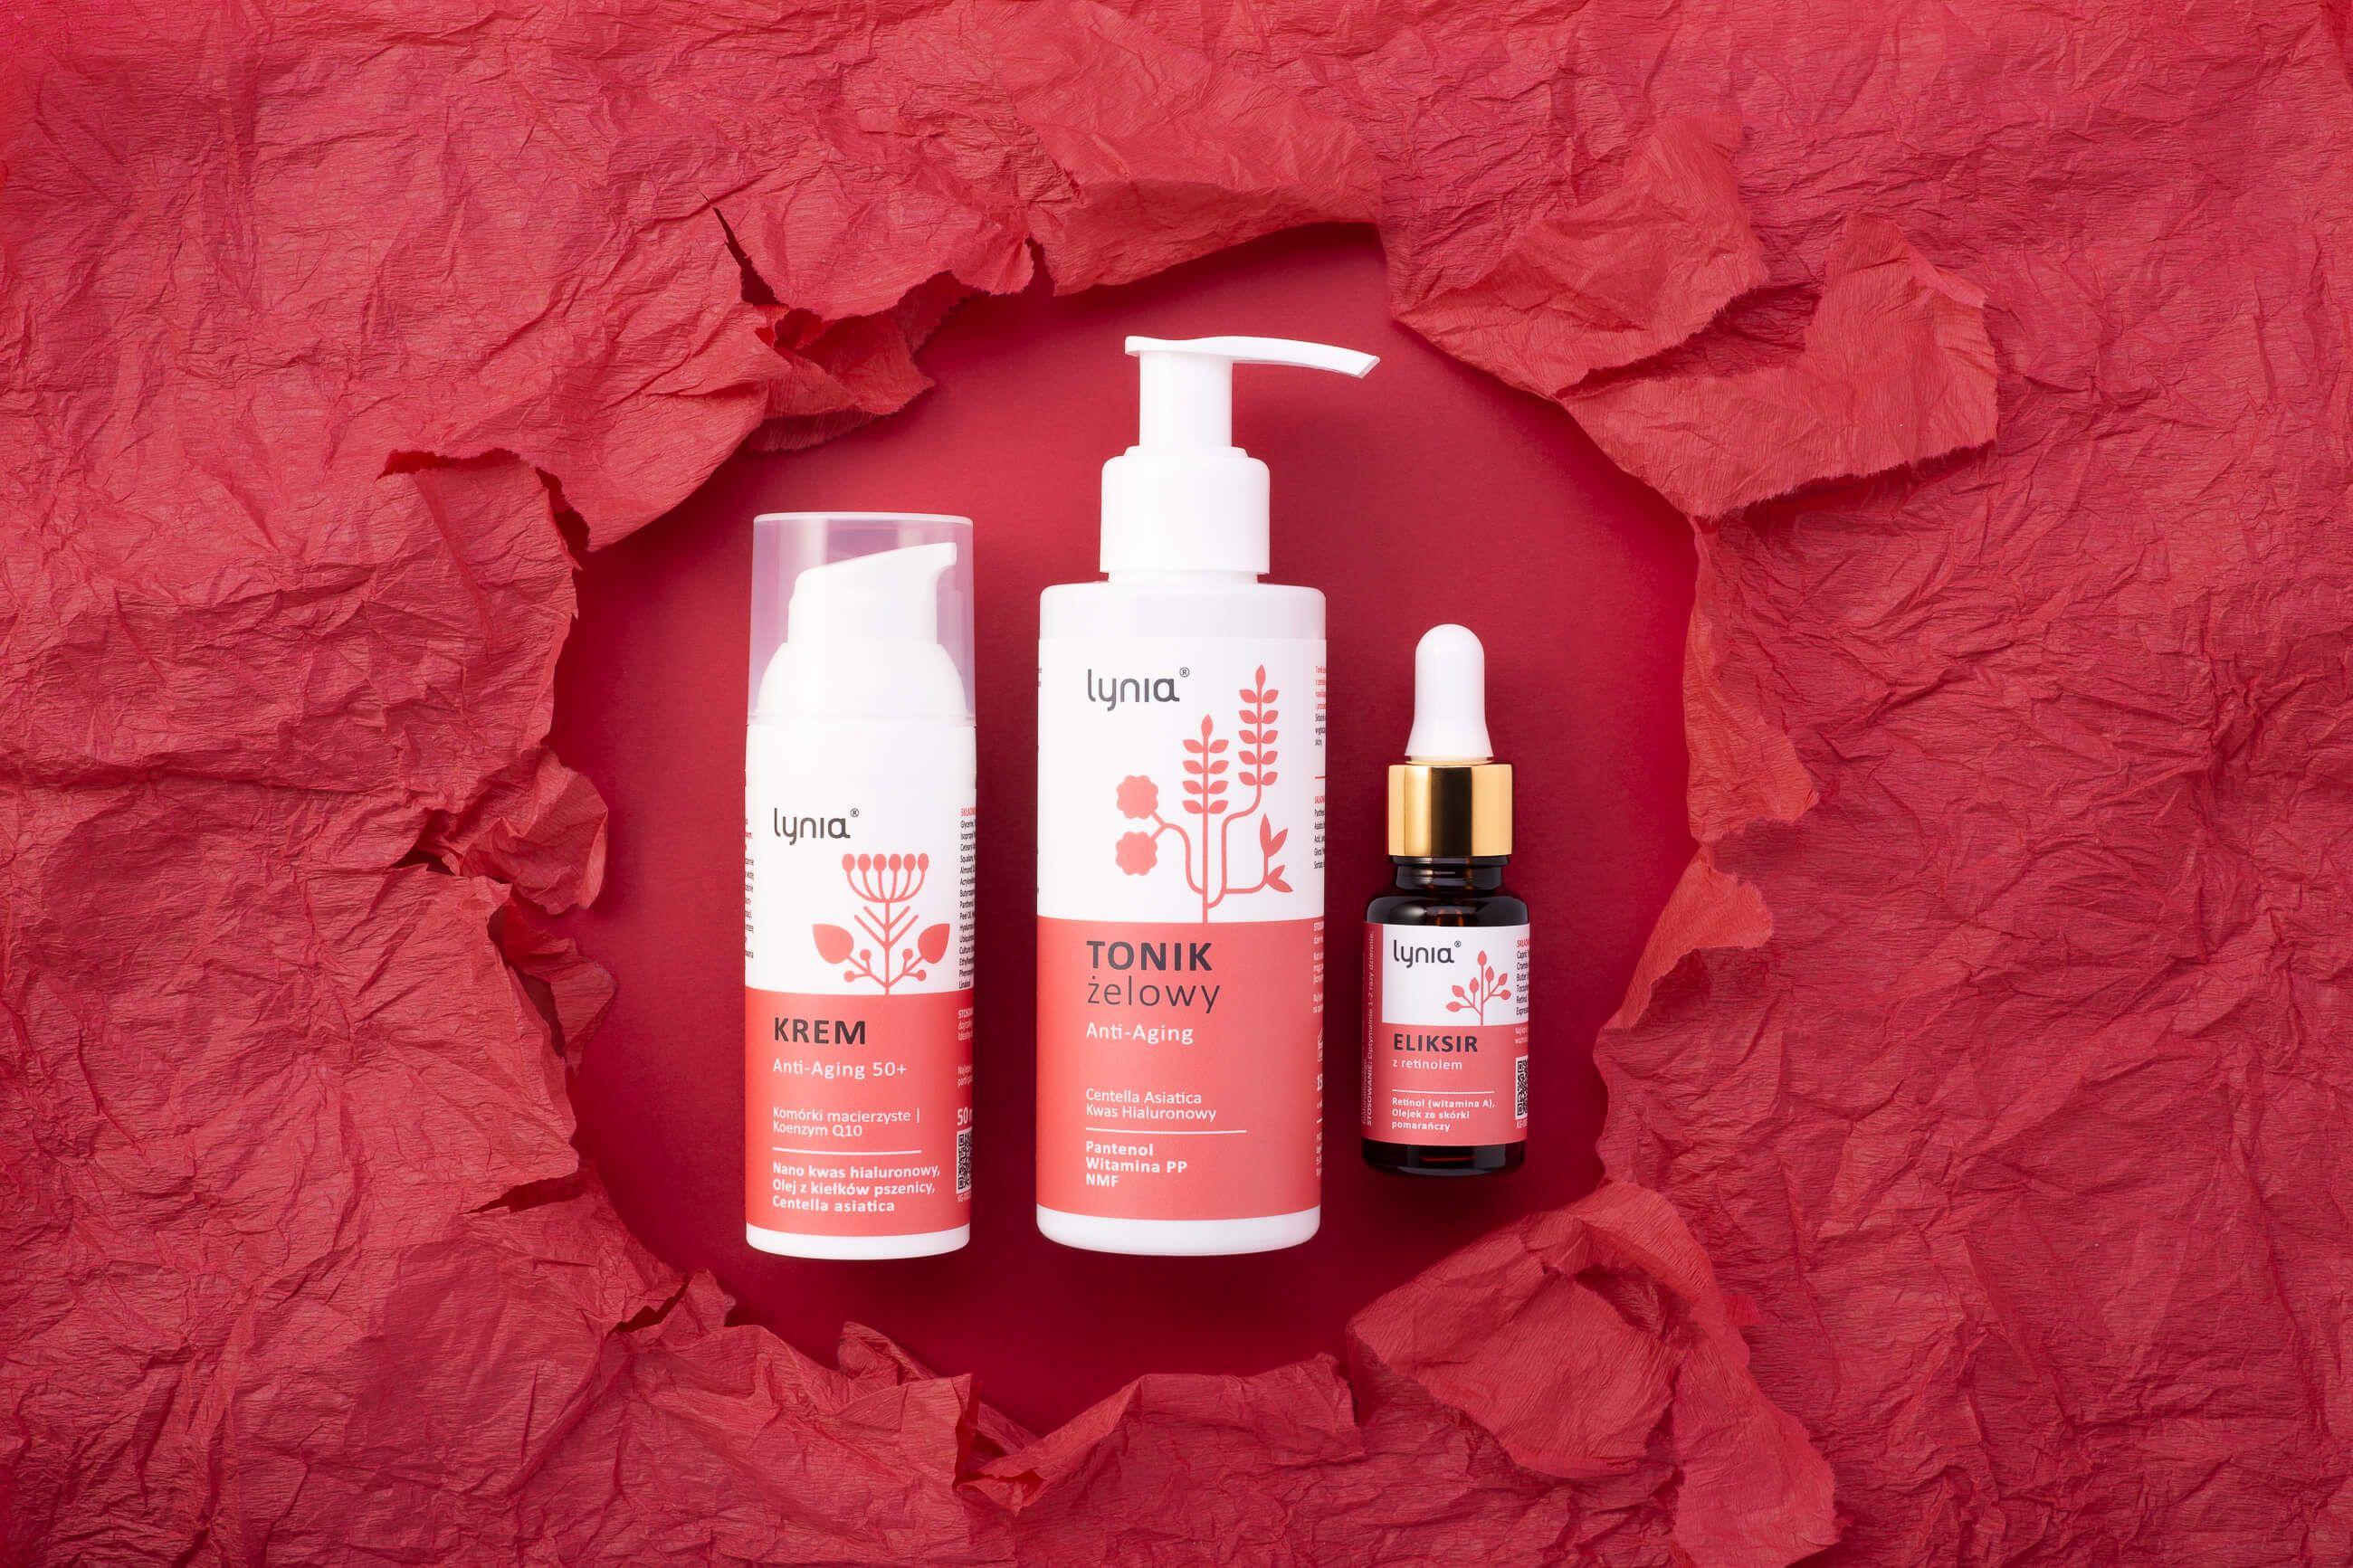 Aranżowane zdjęcie reklamowe kosmetyków